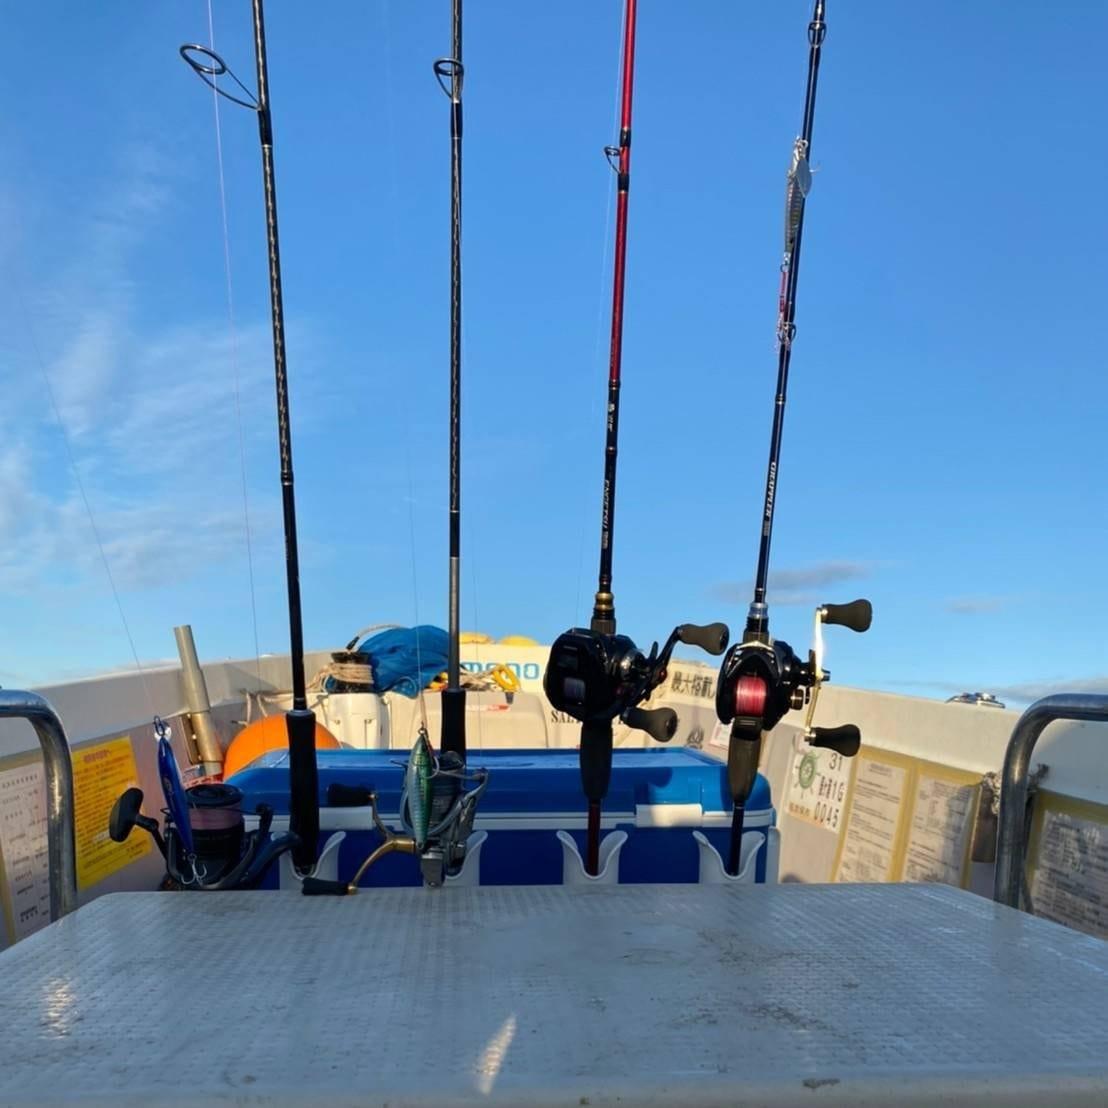 【チャーターMAX12時間対応コース】 遊漁船  乗船チケット(1名様分)    ※2名様より出船します   (最大4名様まで)のイメージその5